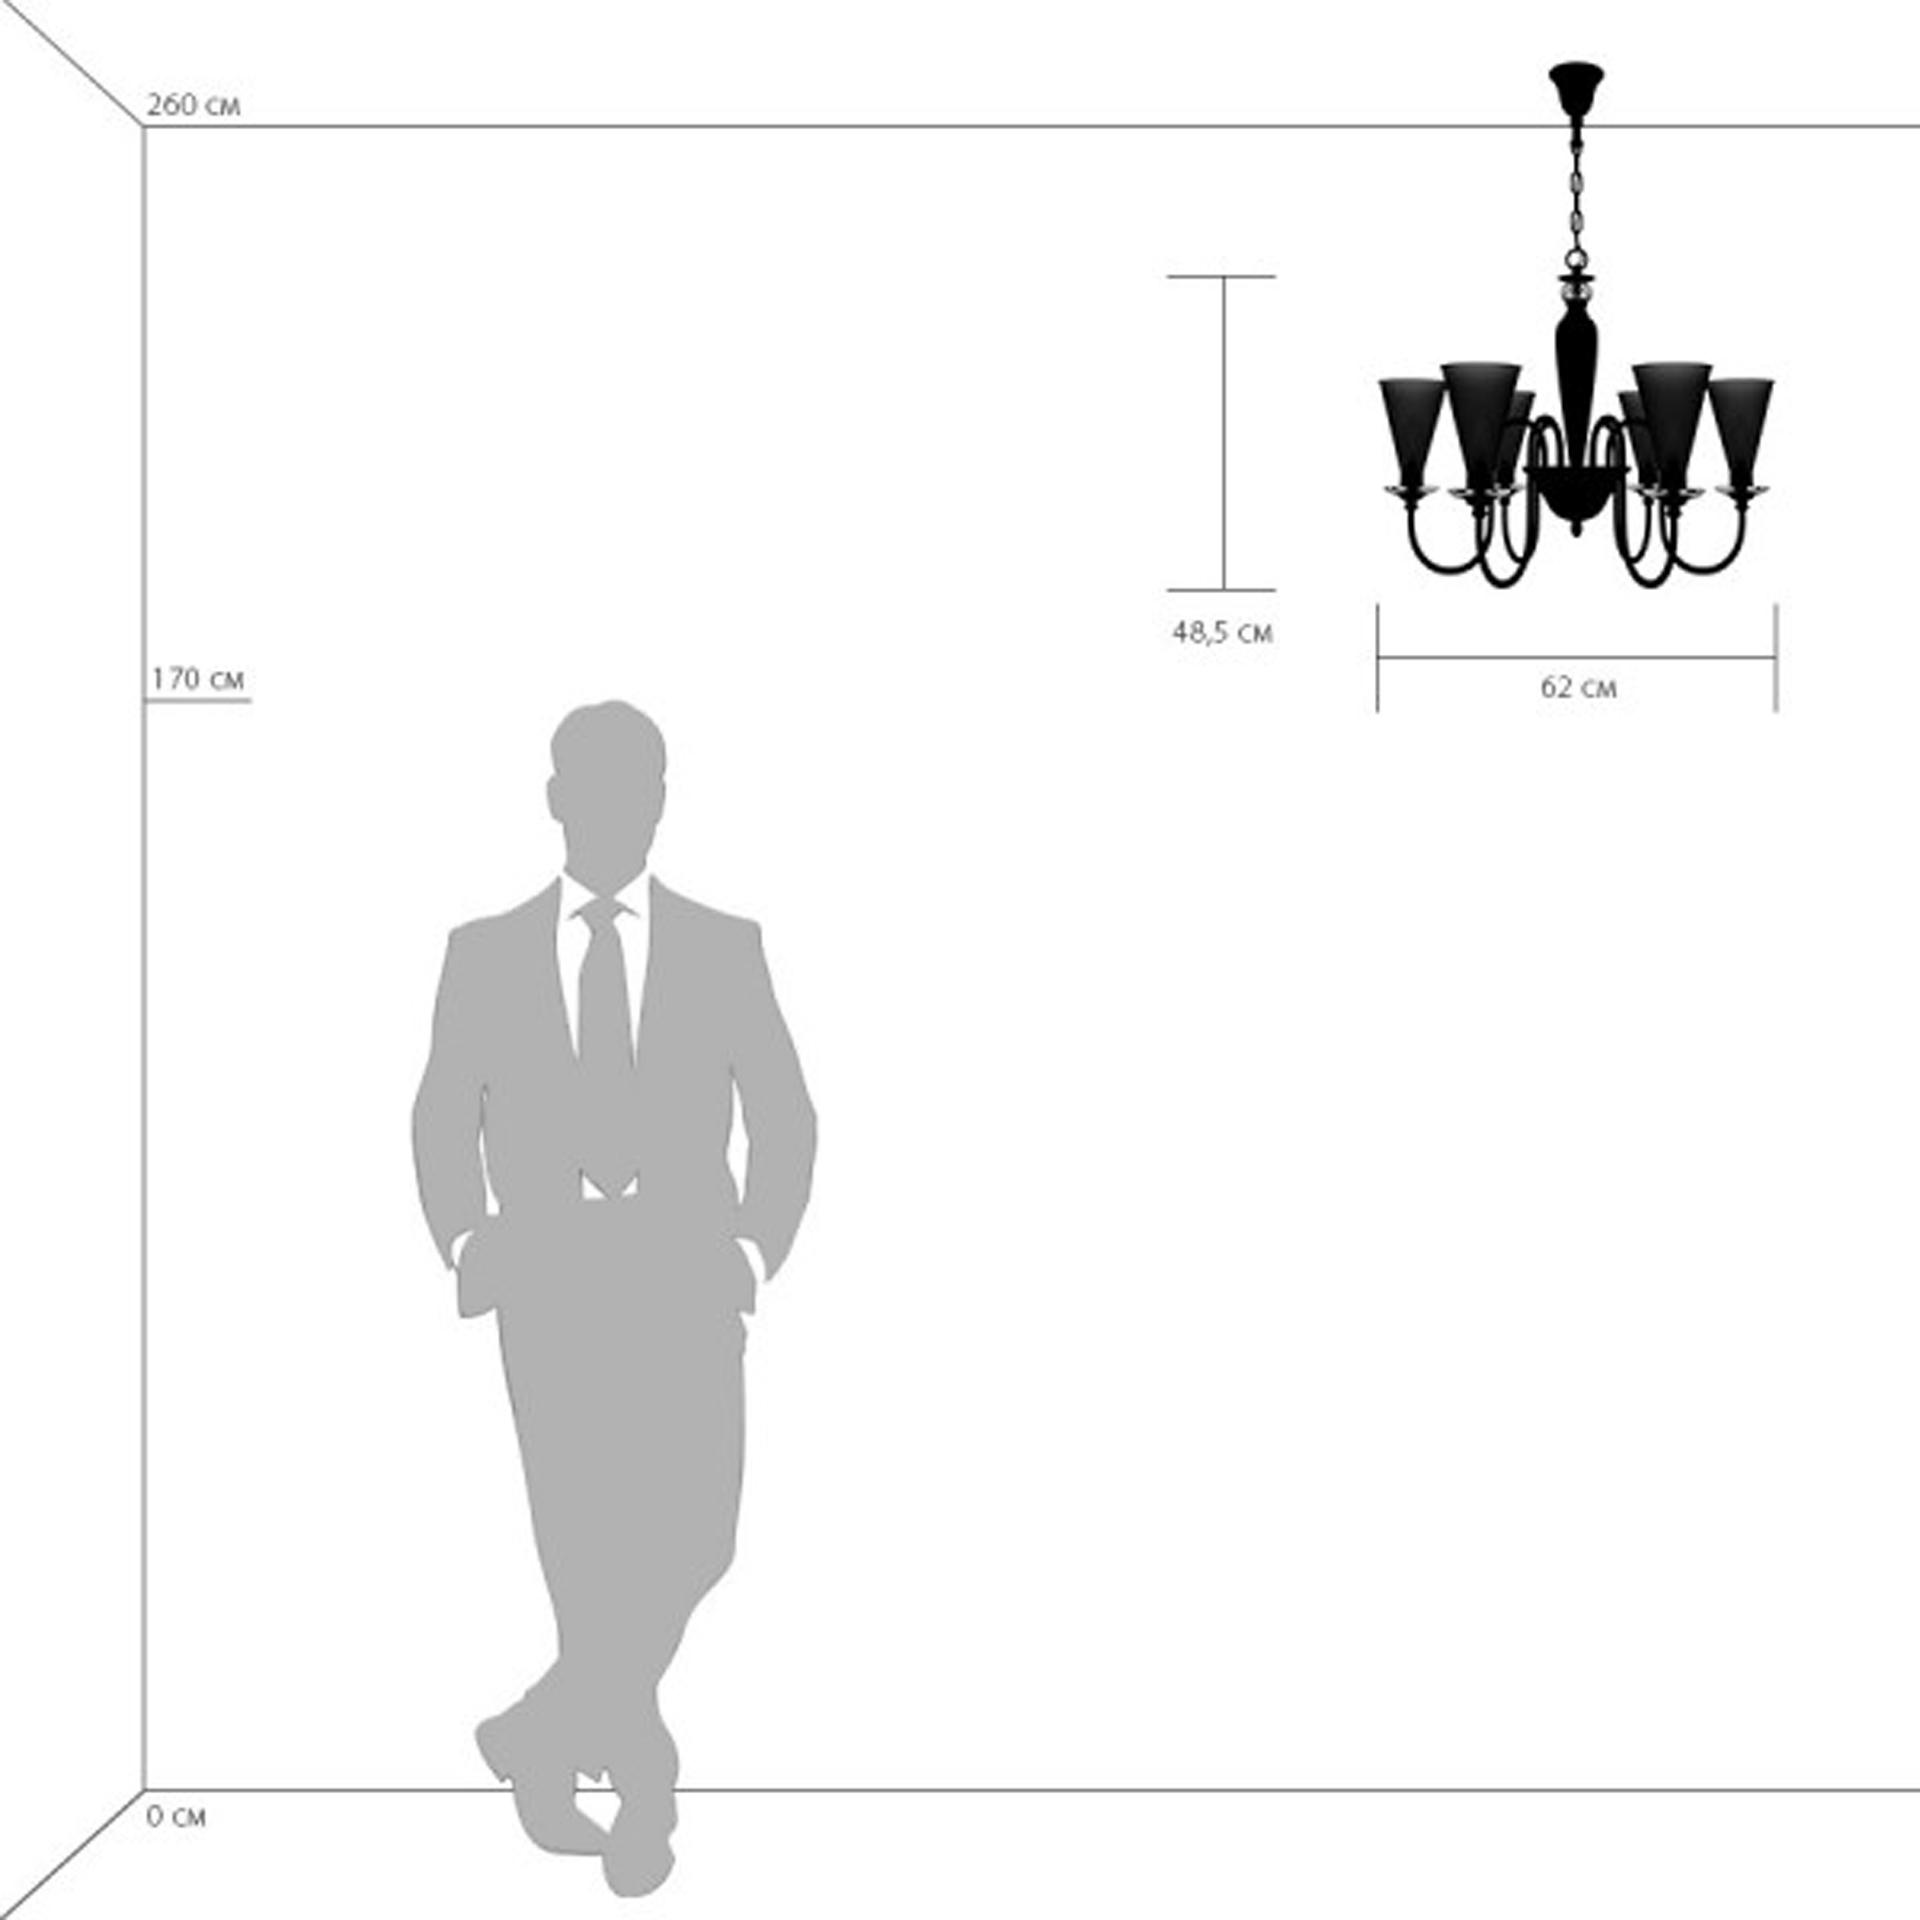 Люстра подвесная Lightstar Torcia 780060, купить в СПб, Москве, с доставкой, Санкт-Петербург, интернет-магазин люстр и светильников Starlight, фото в жизни